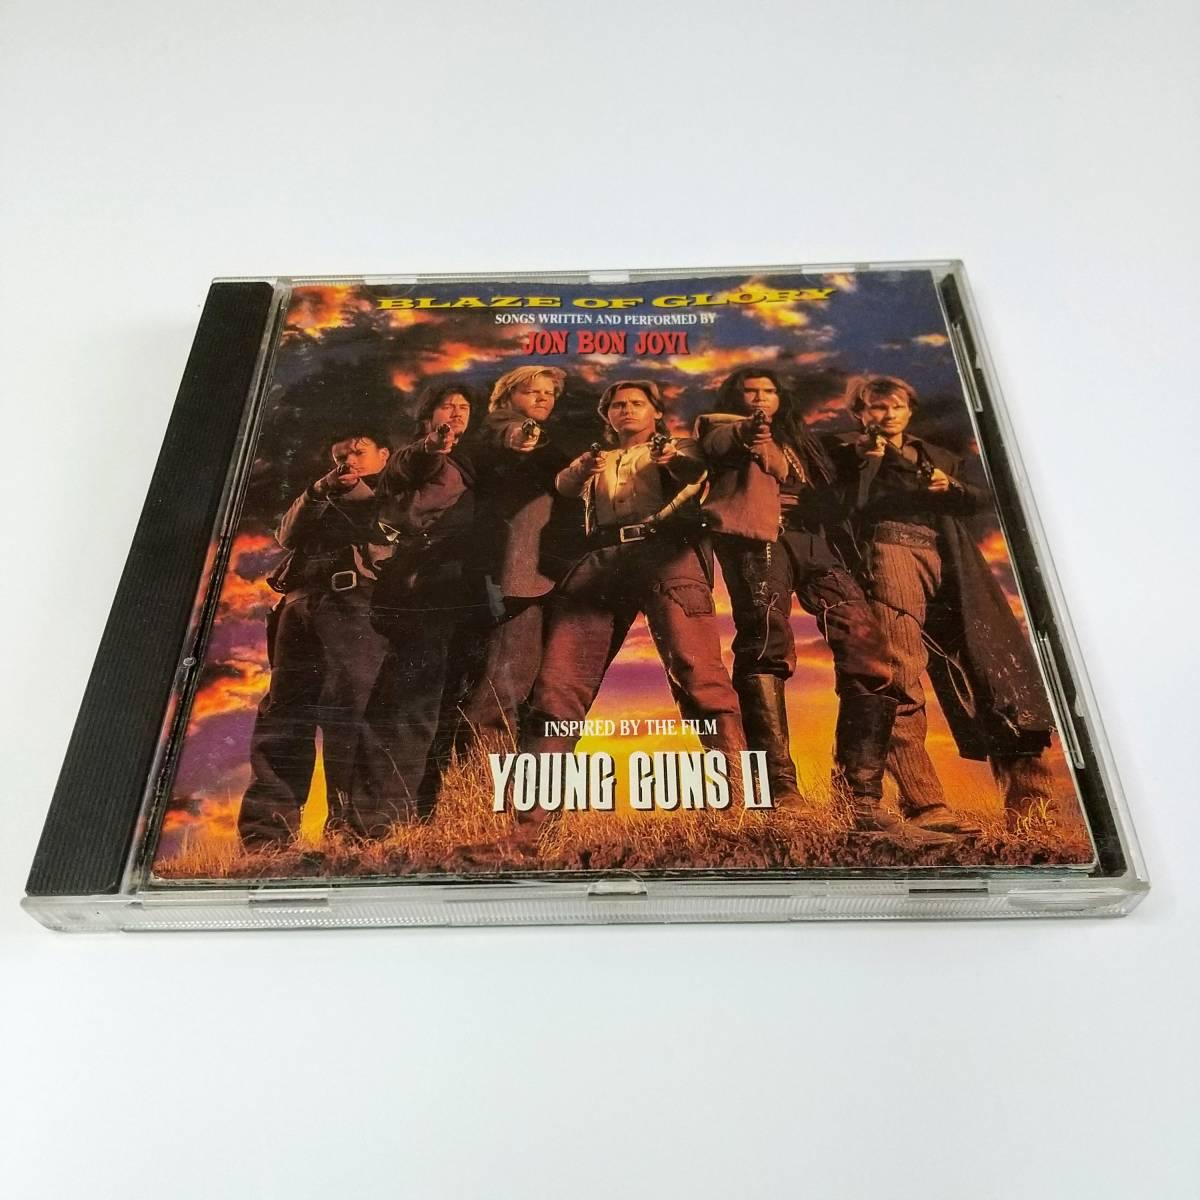 【JON BON JOVI】BLAZE OF GLORY/YOUNG GUNS Ⅱ /ボン・ジョヴィ /サウンドトラック☆中古